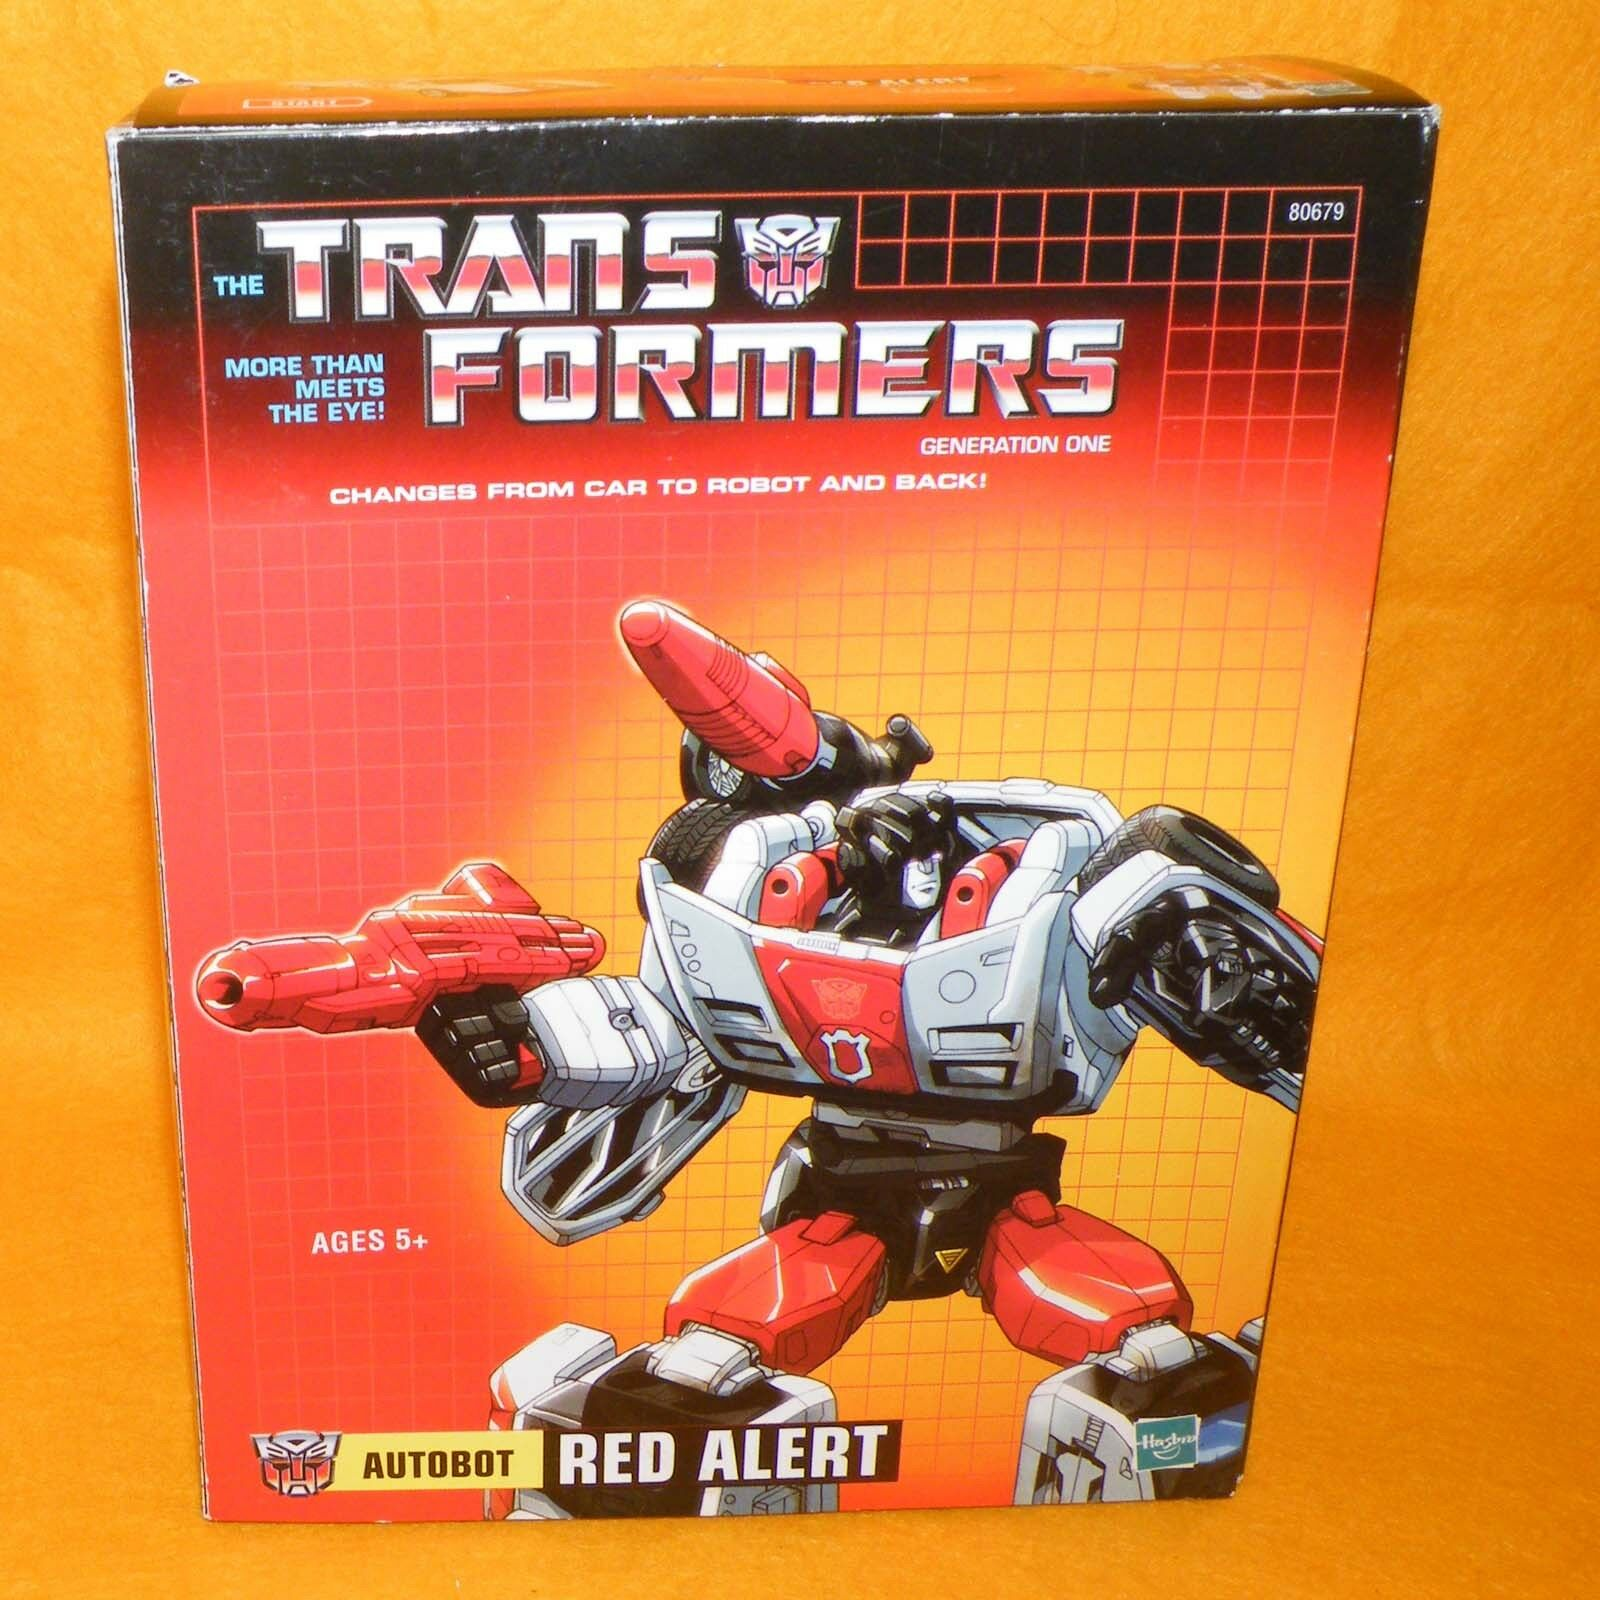 online barato Takara 2005 Transformers Transformers Transformers G1 rojo Alert Reedición En Caja  suministro directo de los fabricantes